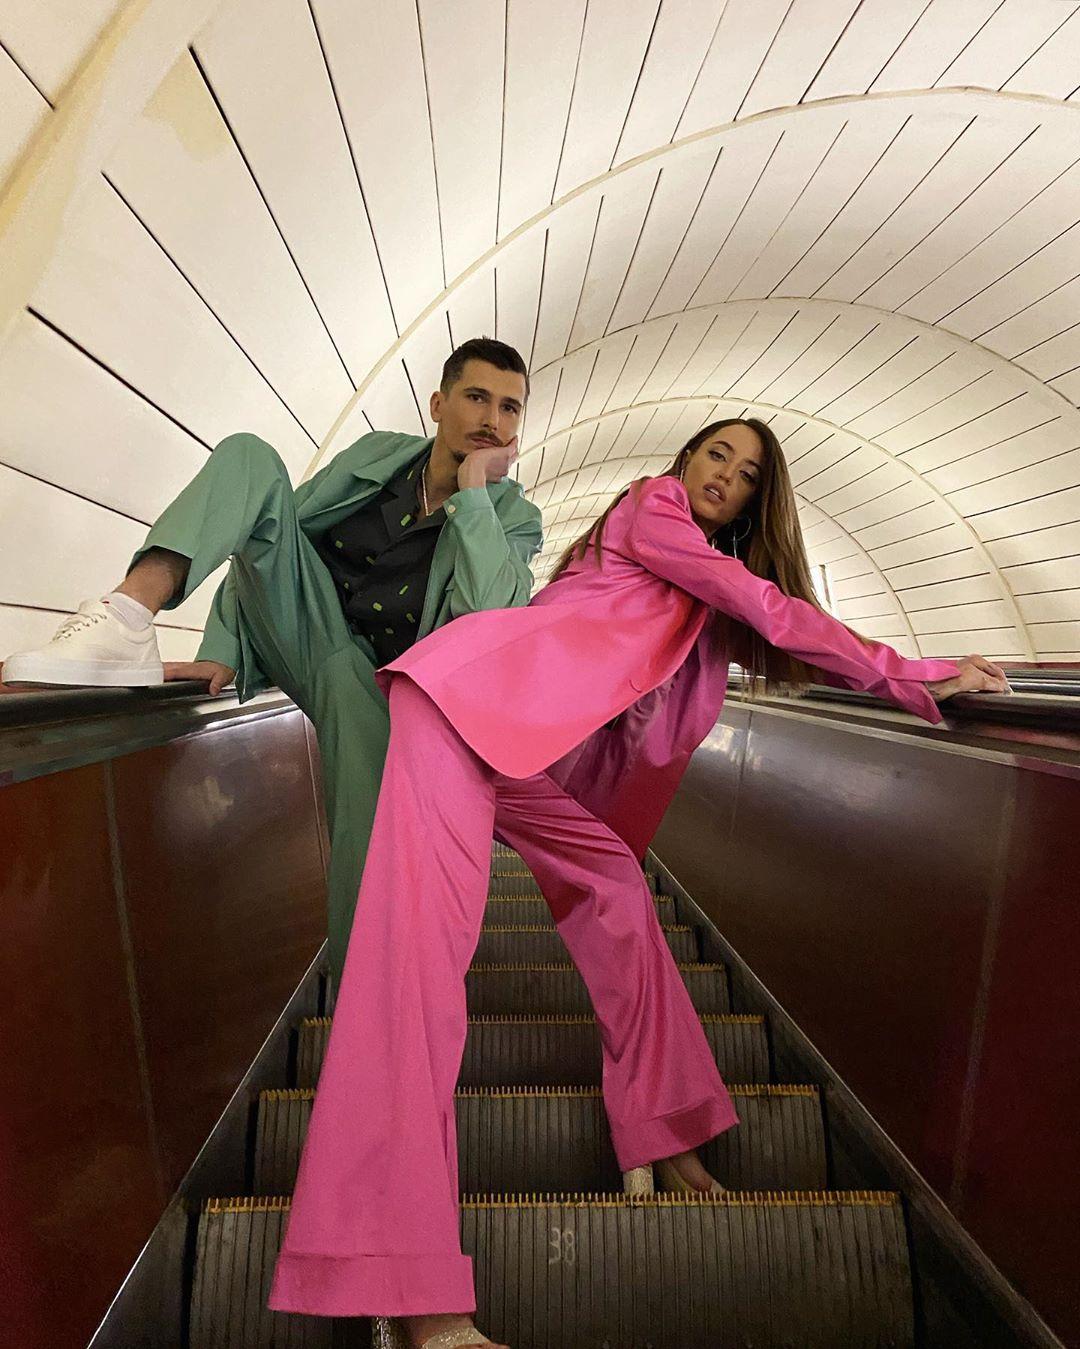 Надя Дорофеєва вагітна? Співачка порадувала багатьох фанатів зізнанням